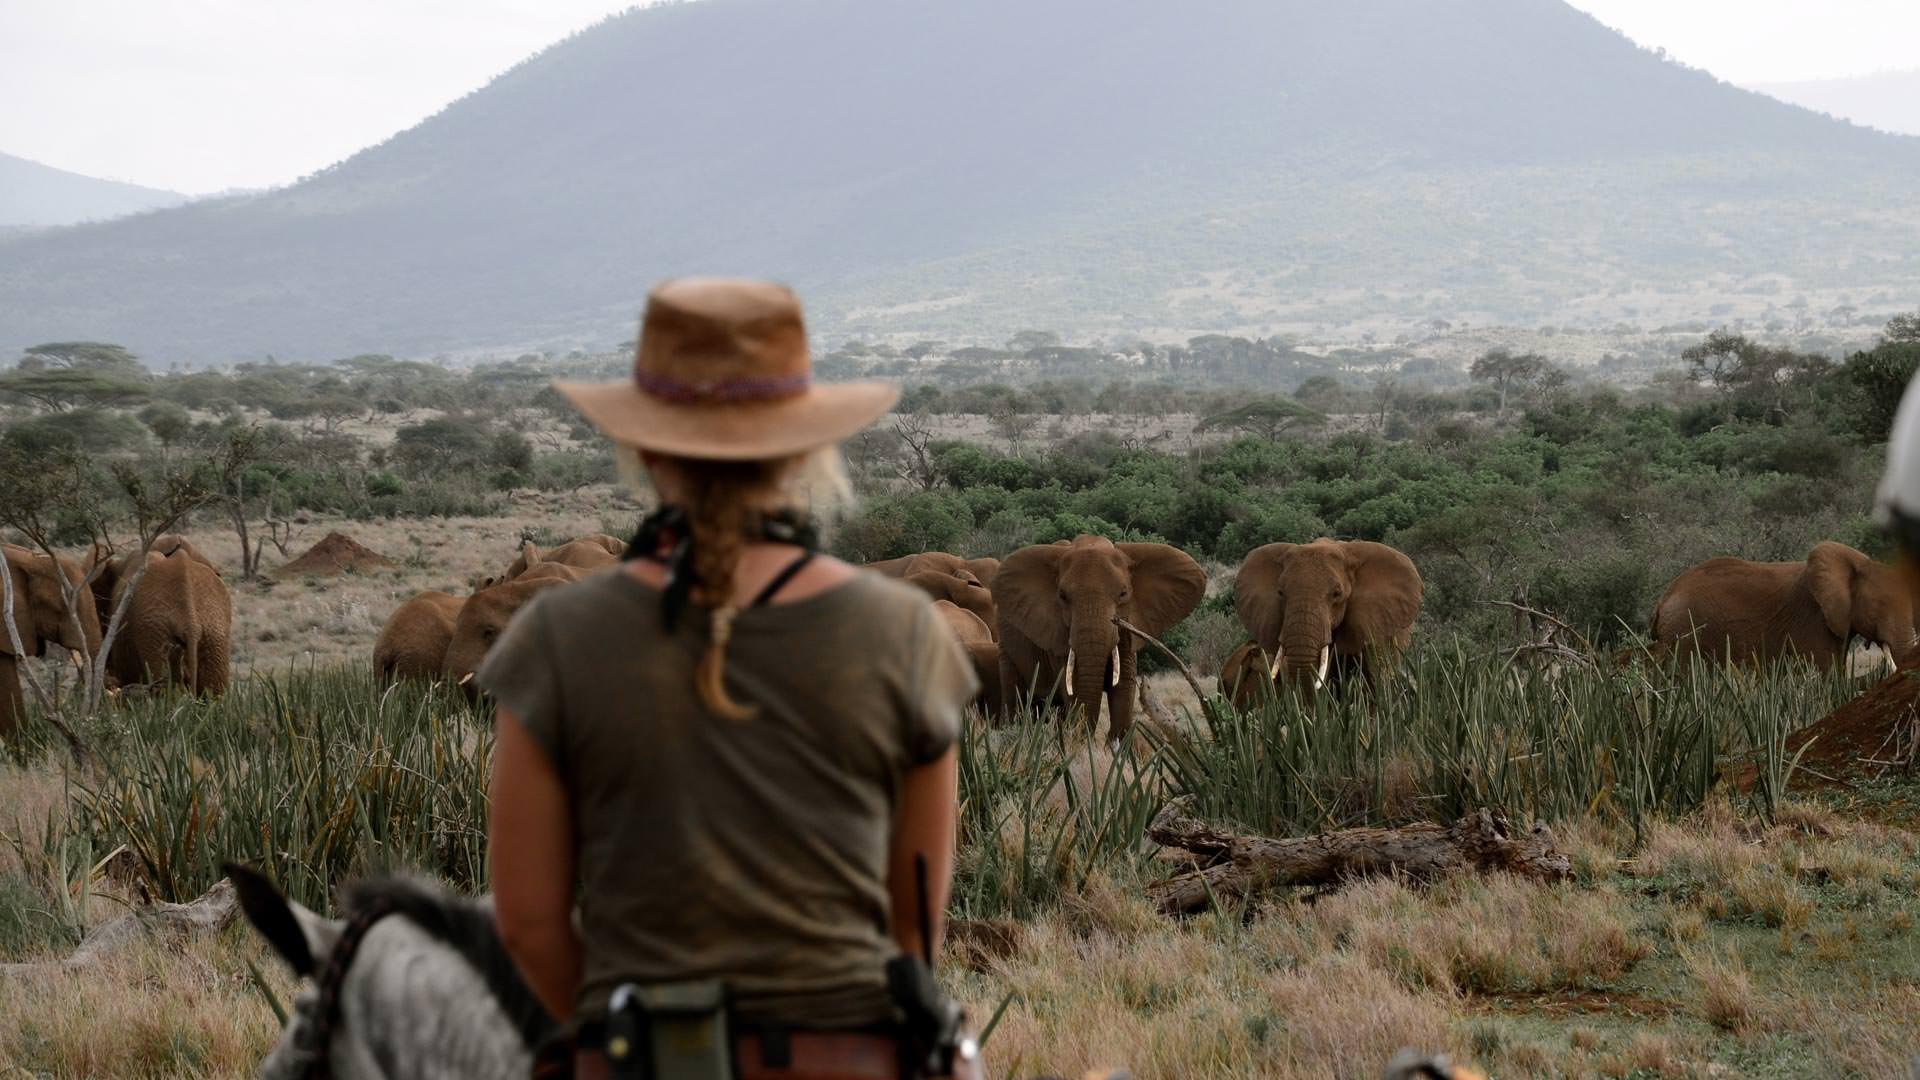 Approaching elephants on horseback at Ndarakwai Ranch